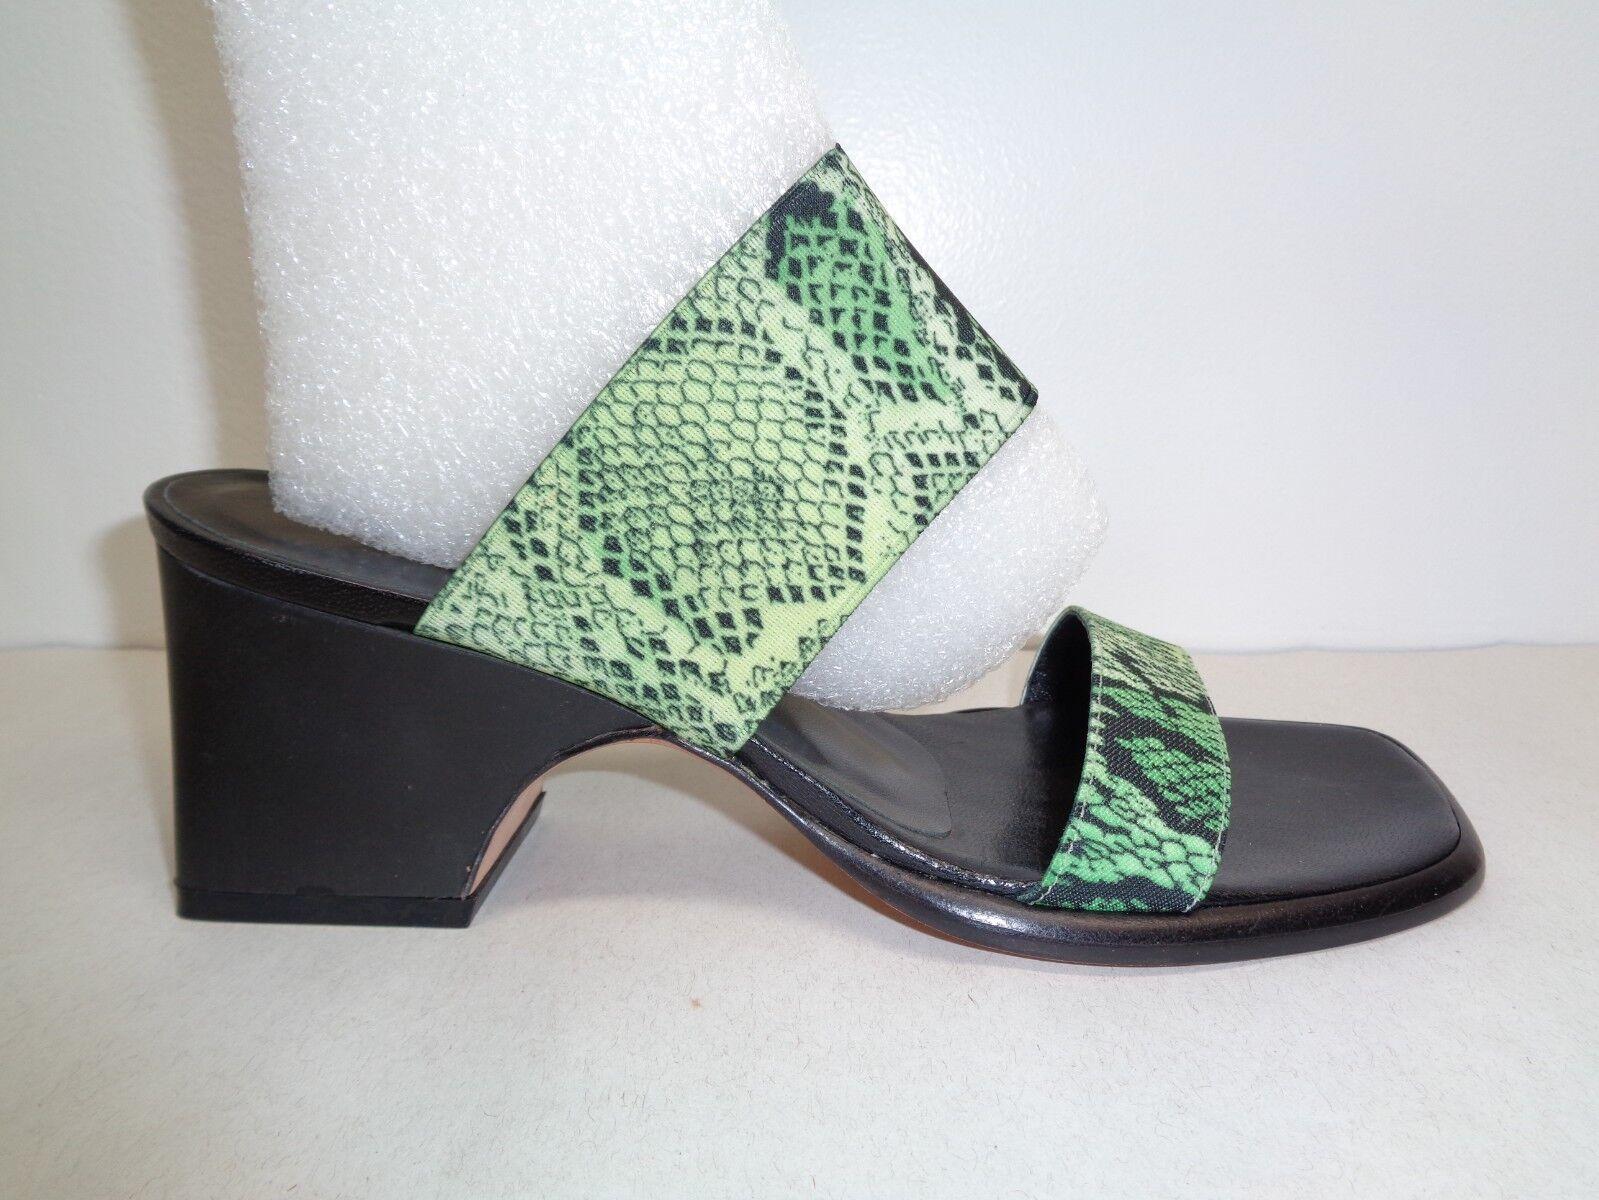 Pancaldi Taille 7 AA étroit P9984 Vert Noir Talons Hauts Sandales Pour Femme Chaussures